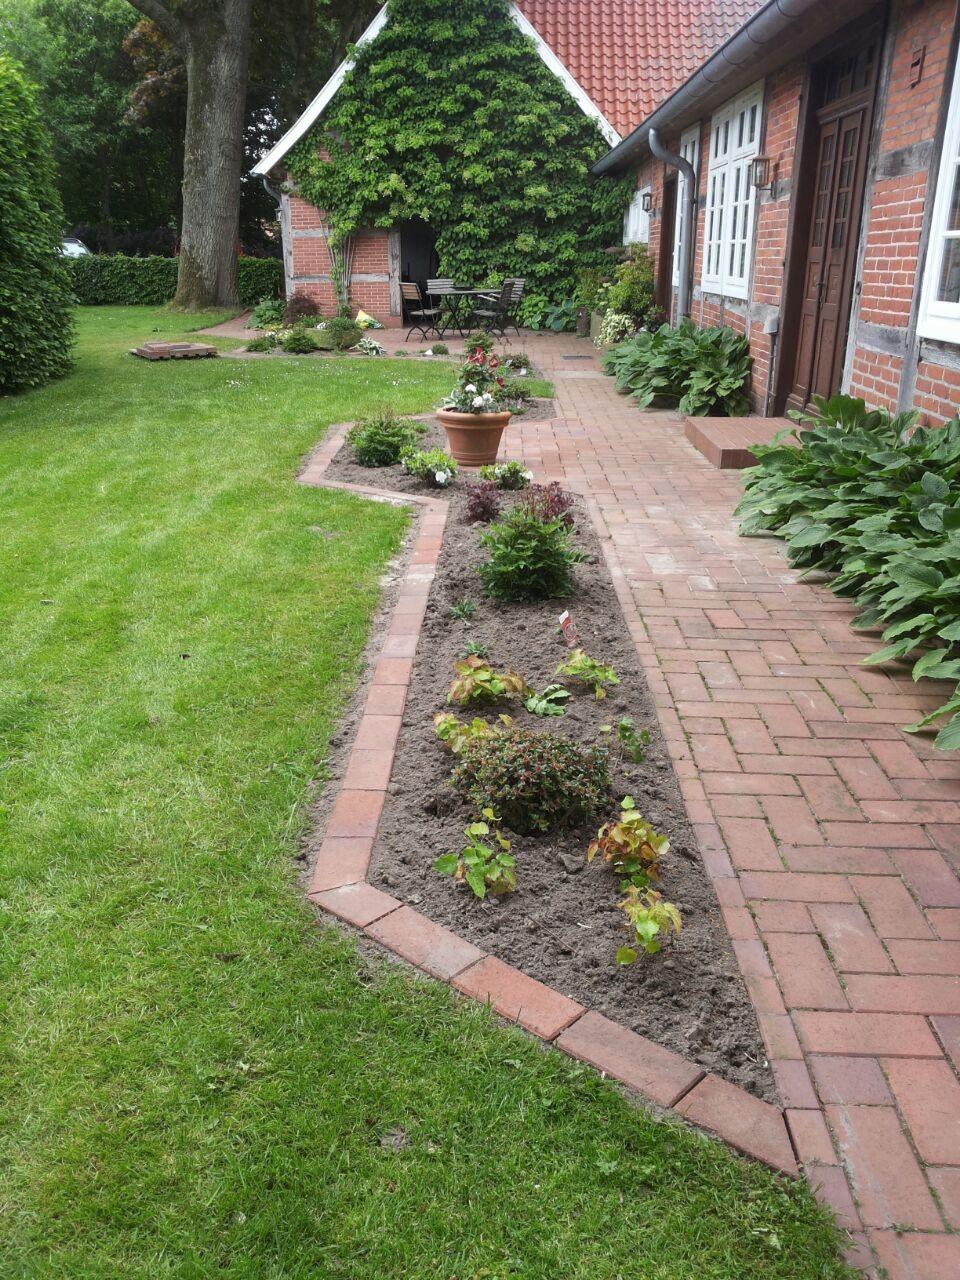 Gartengestaltung blumen jaeger badbergen - Gartengestaltung app ...